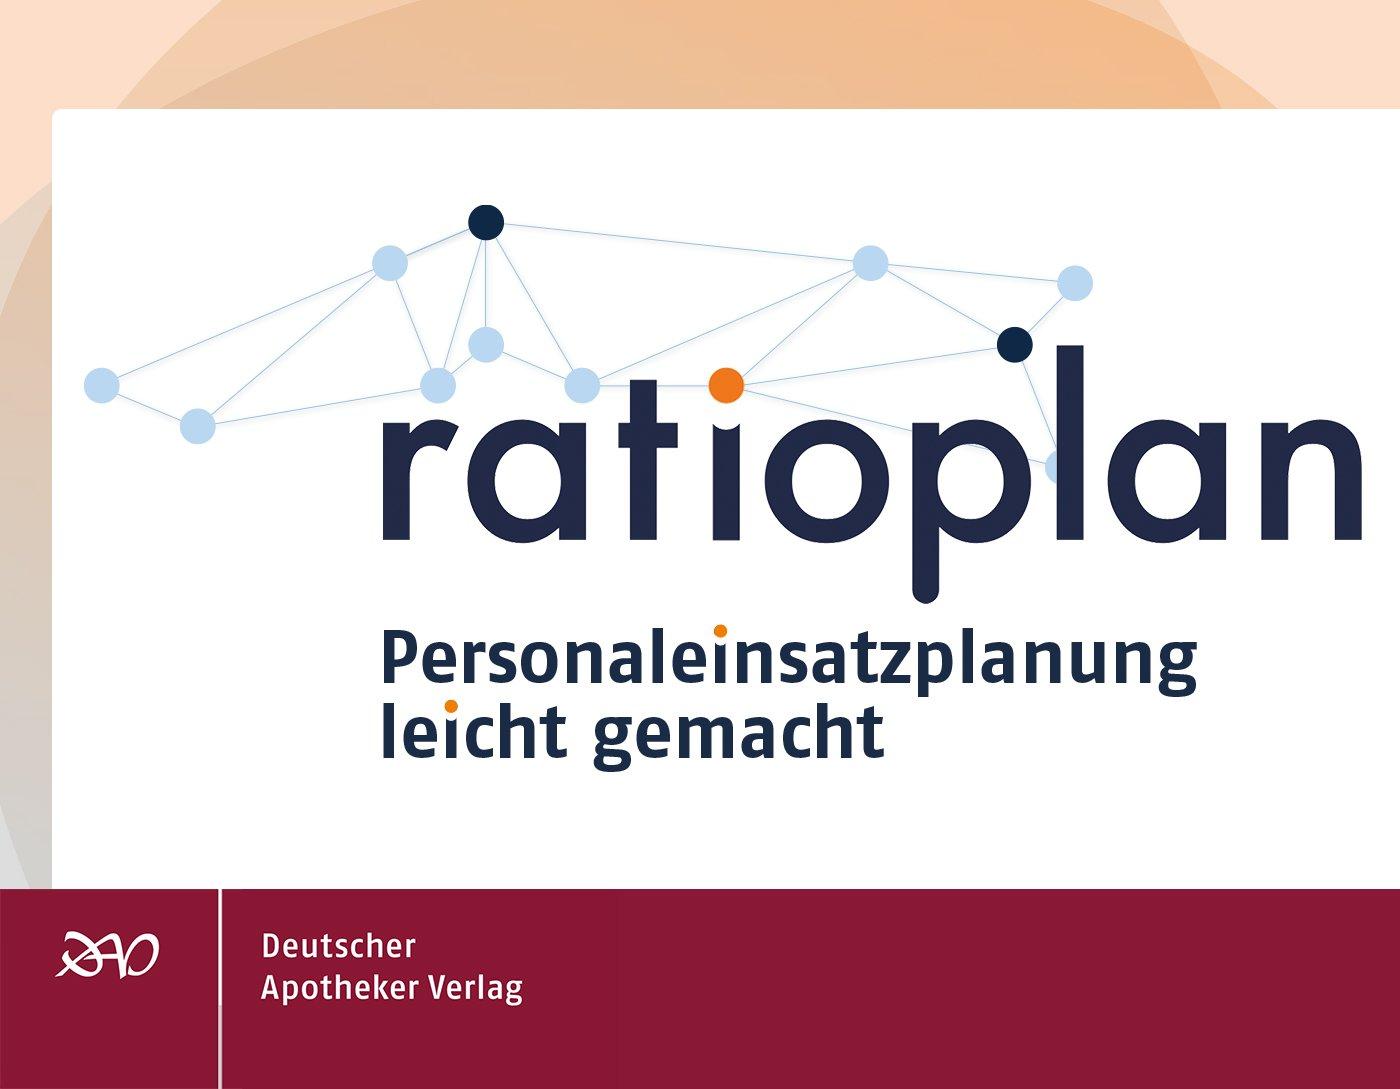 Ratioplan Shop Mediengruppe Deutscher Apotheker Verlag